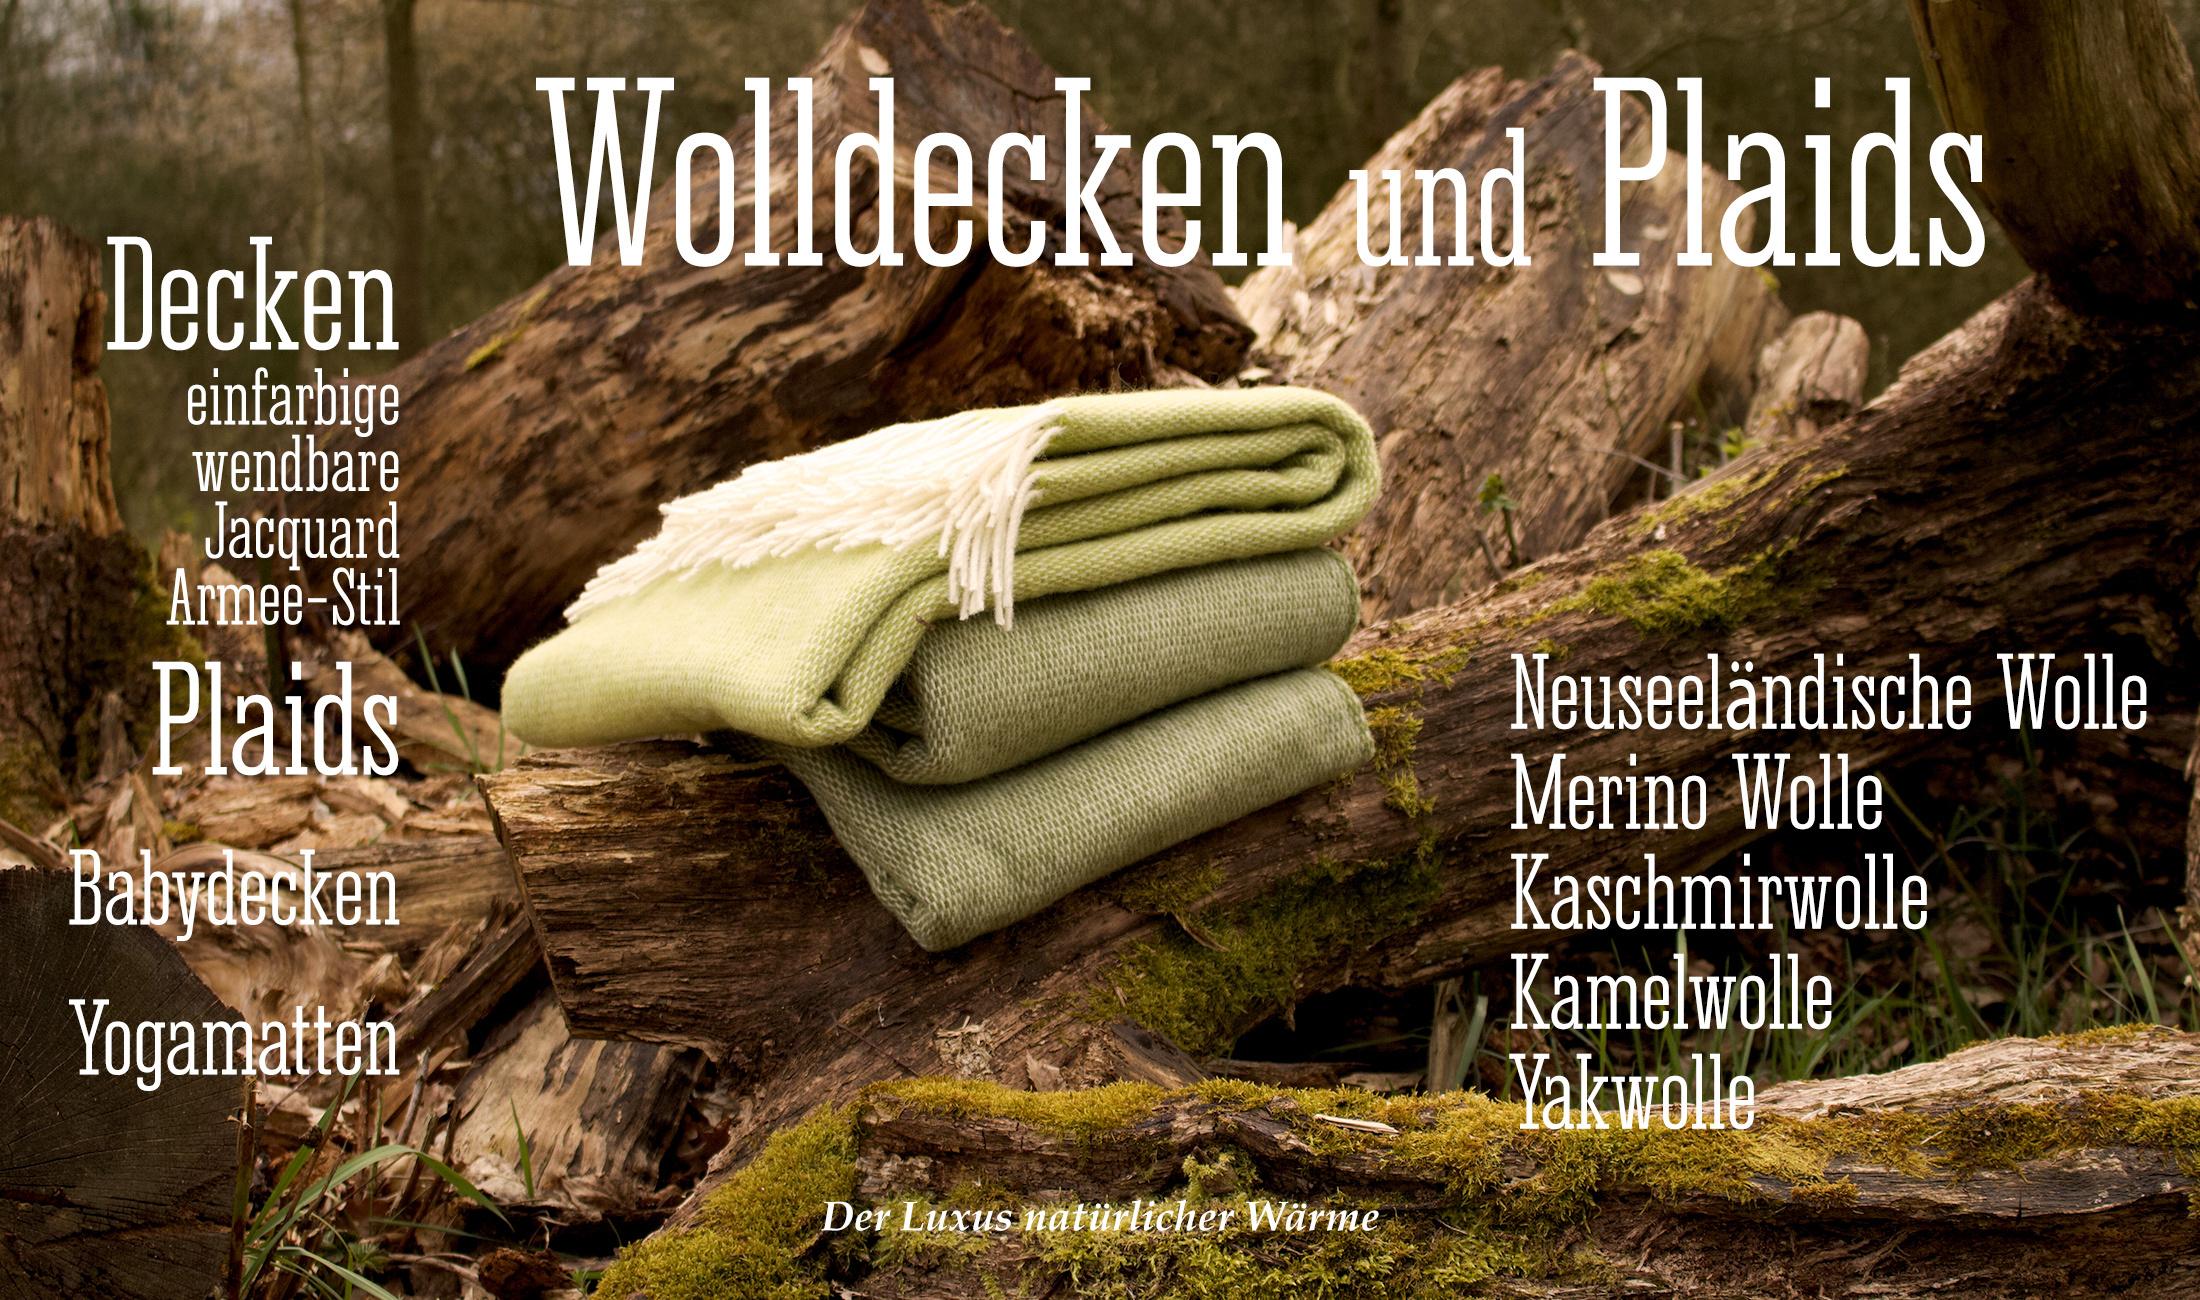 Wolldecken und Plaids